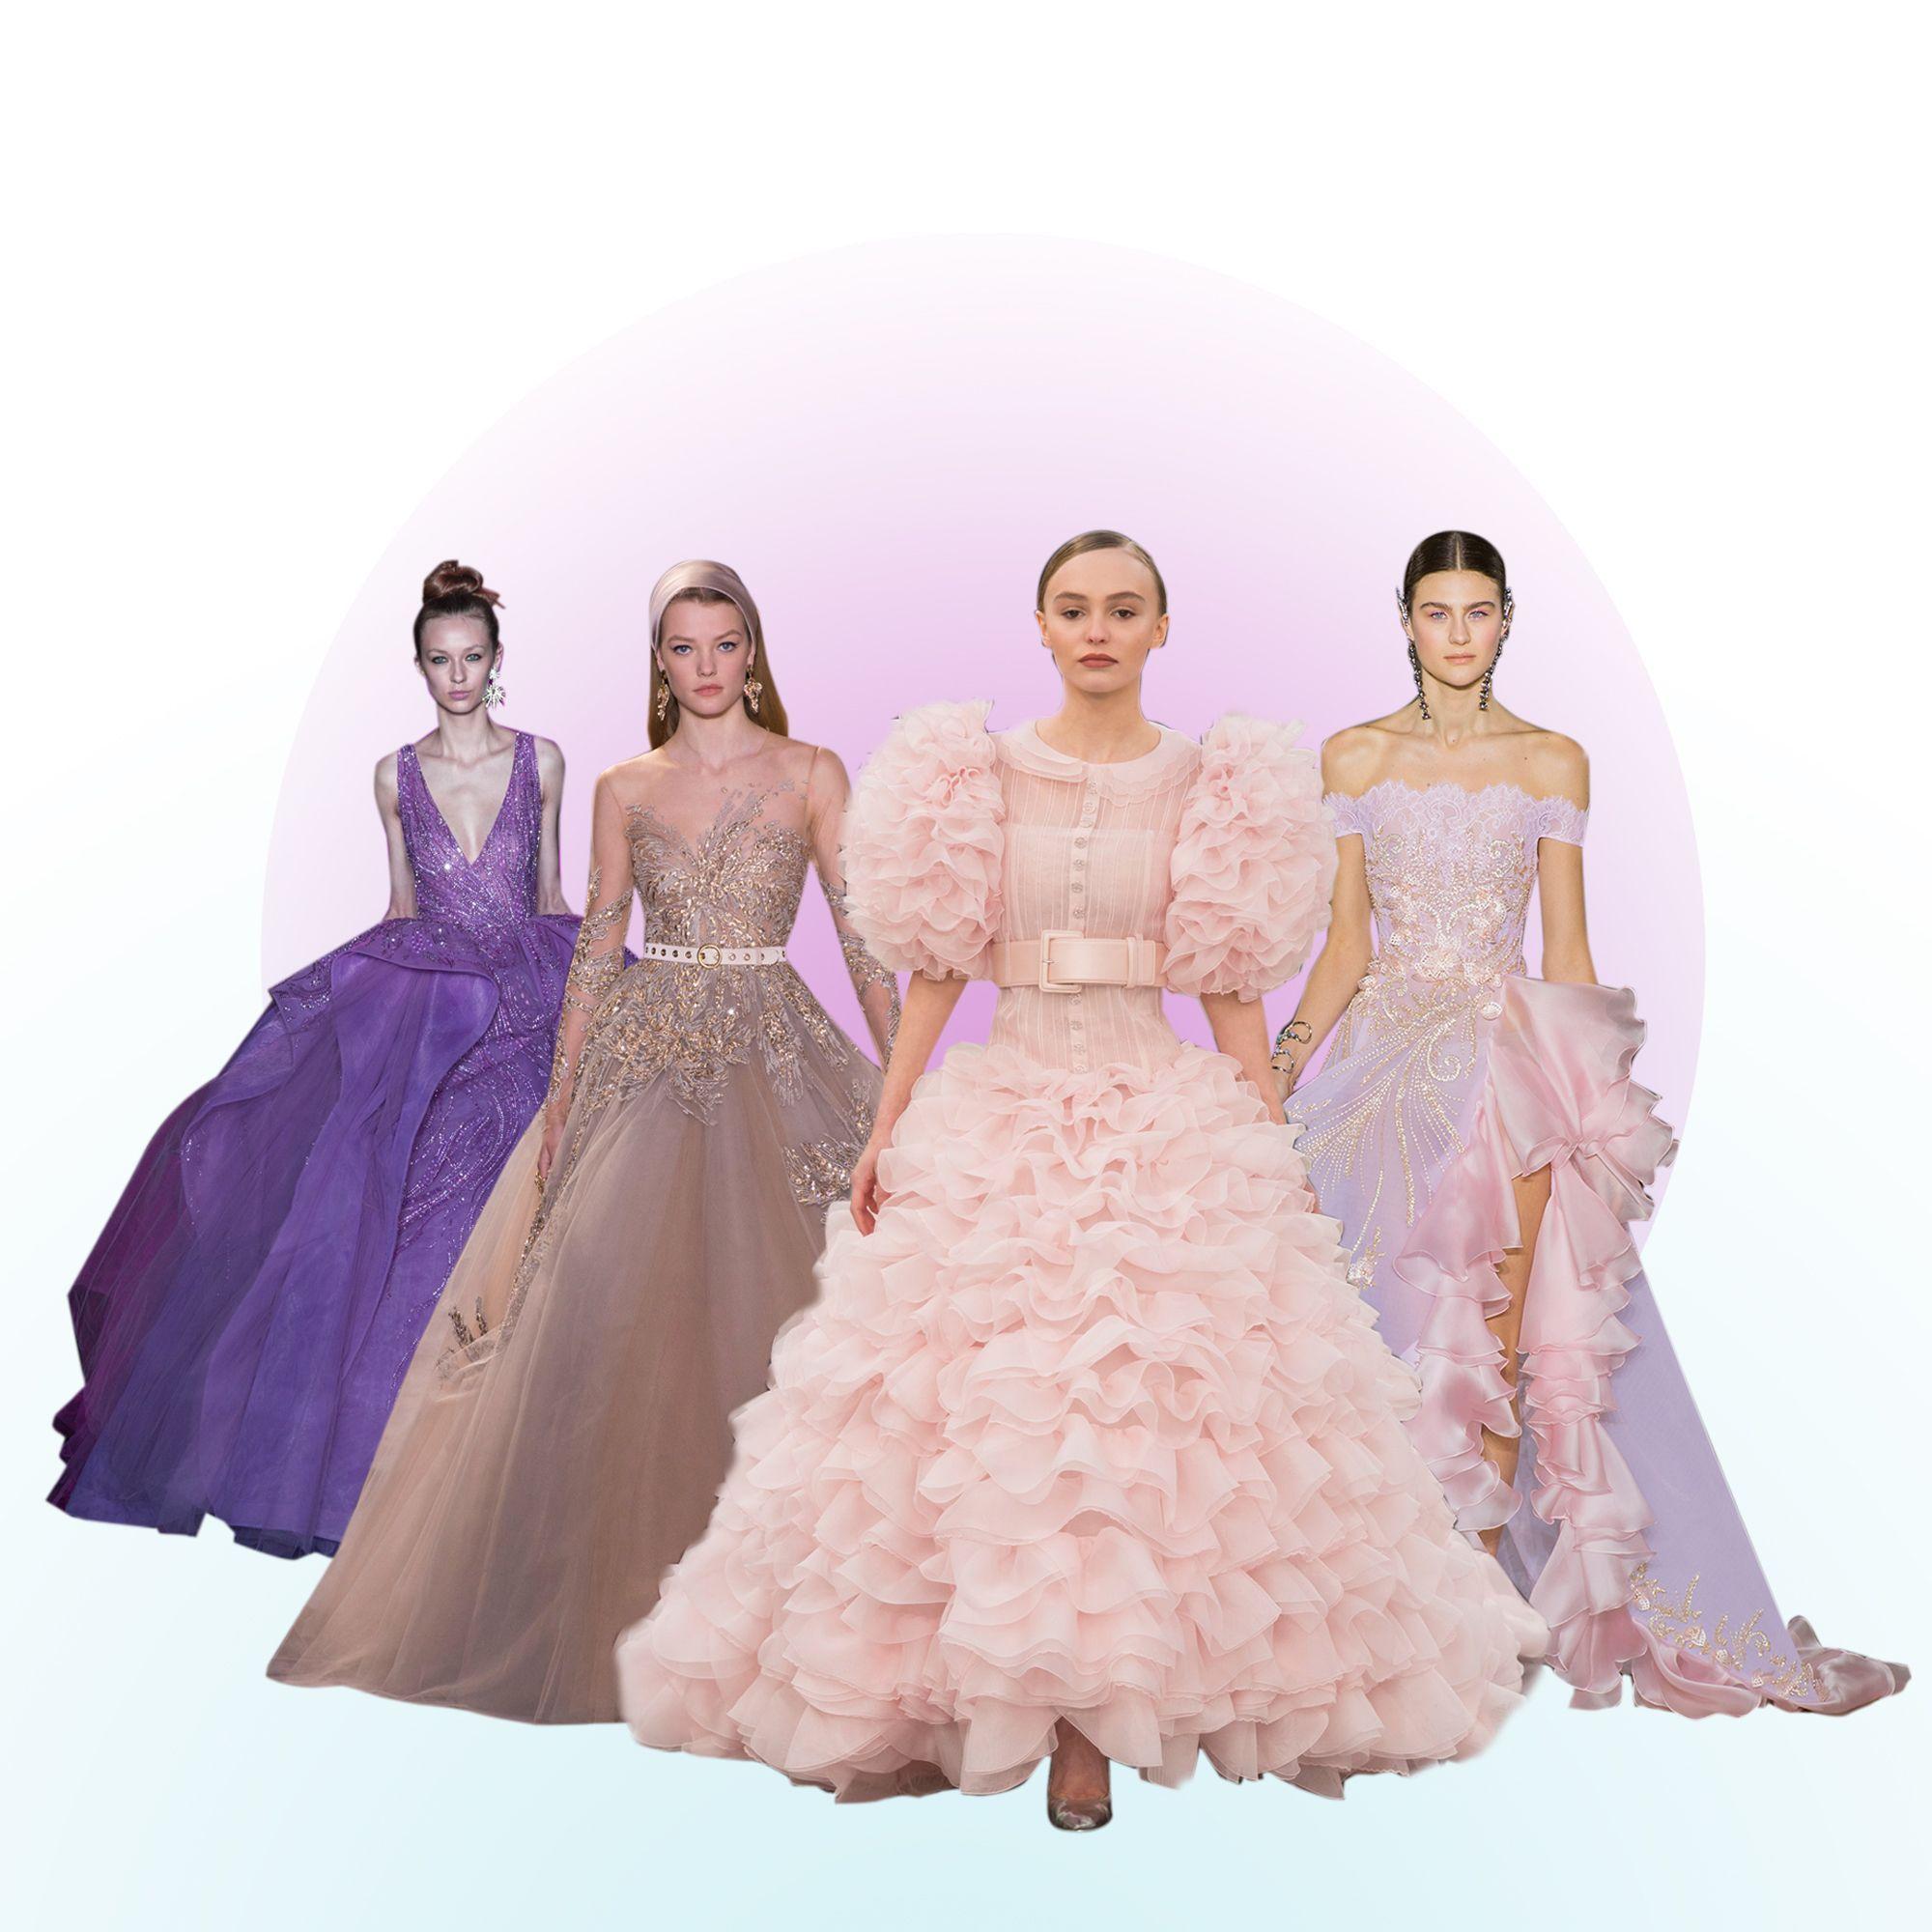 robe de bal les plus belles robes de bal vues sur les. Black Bedroom Furniture Sets. Home Design Ideas